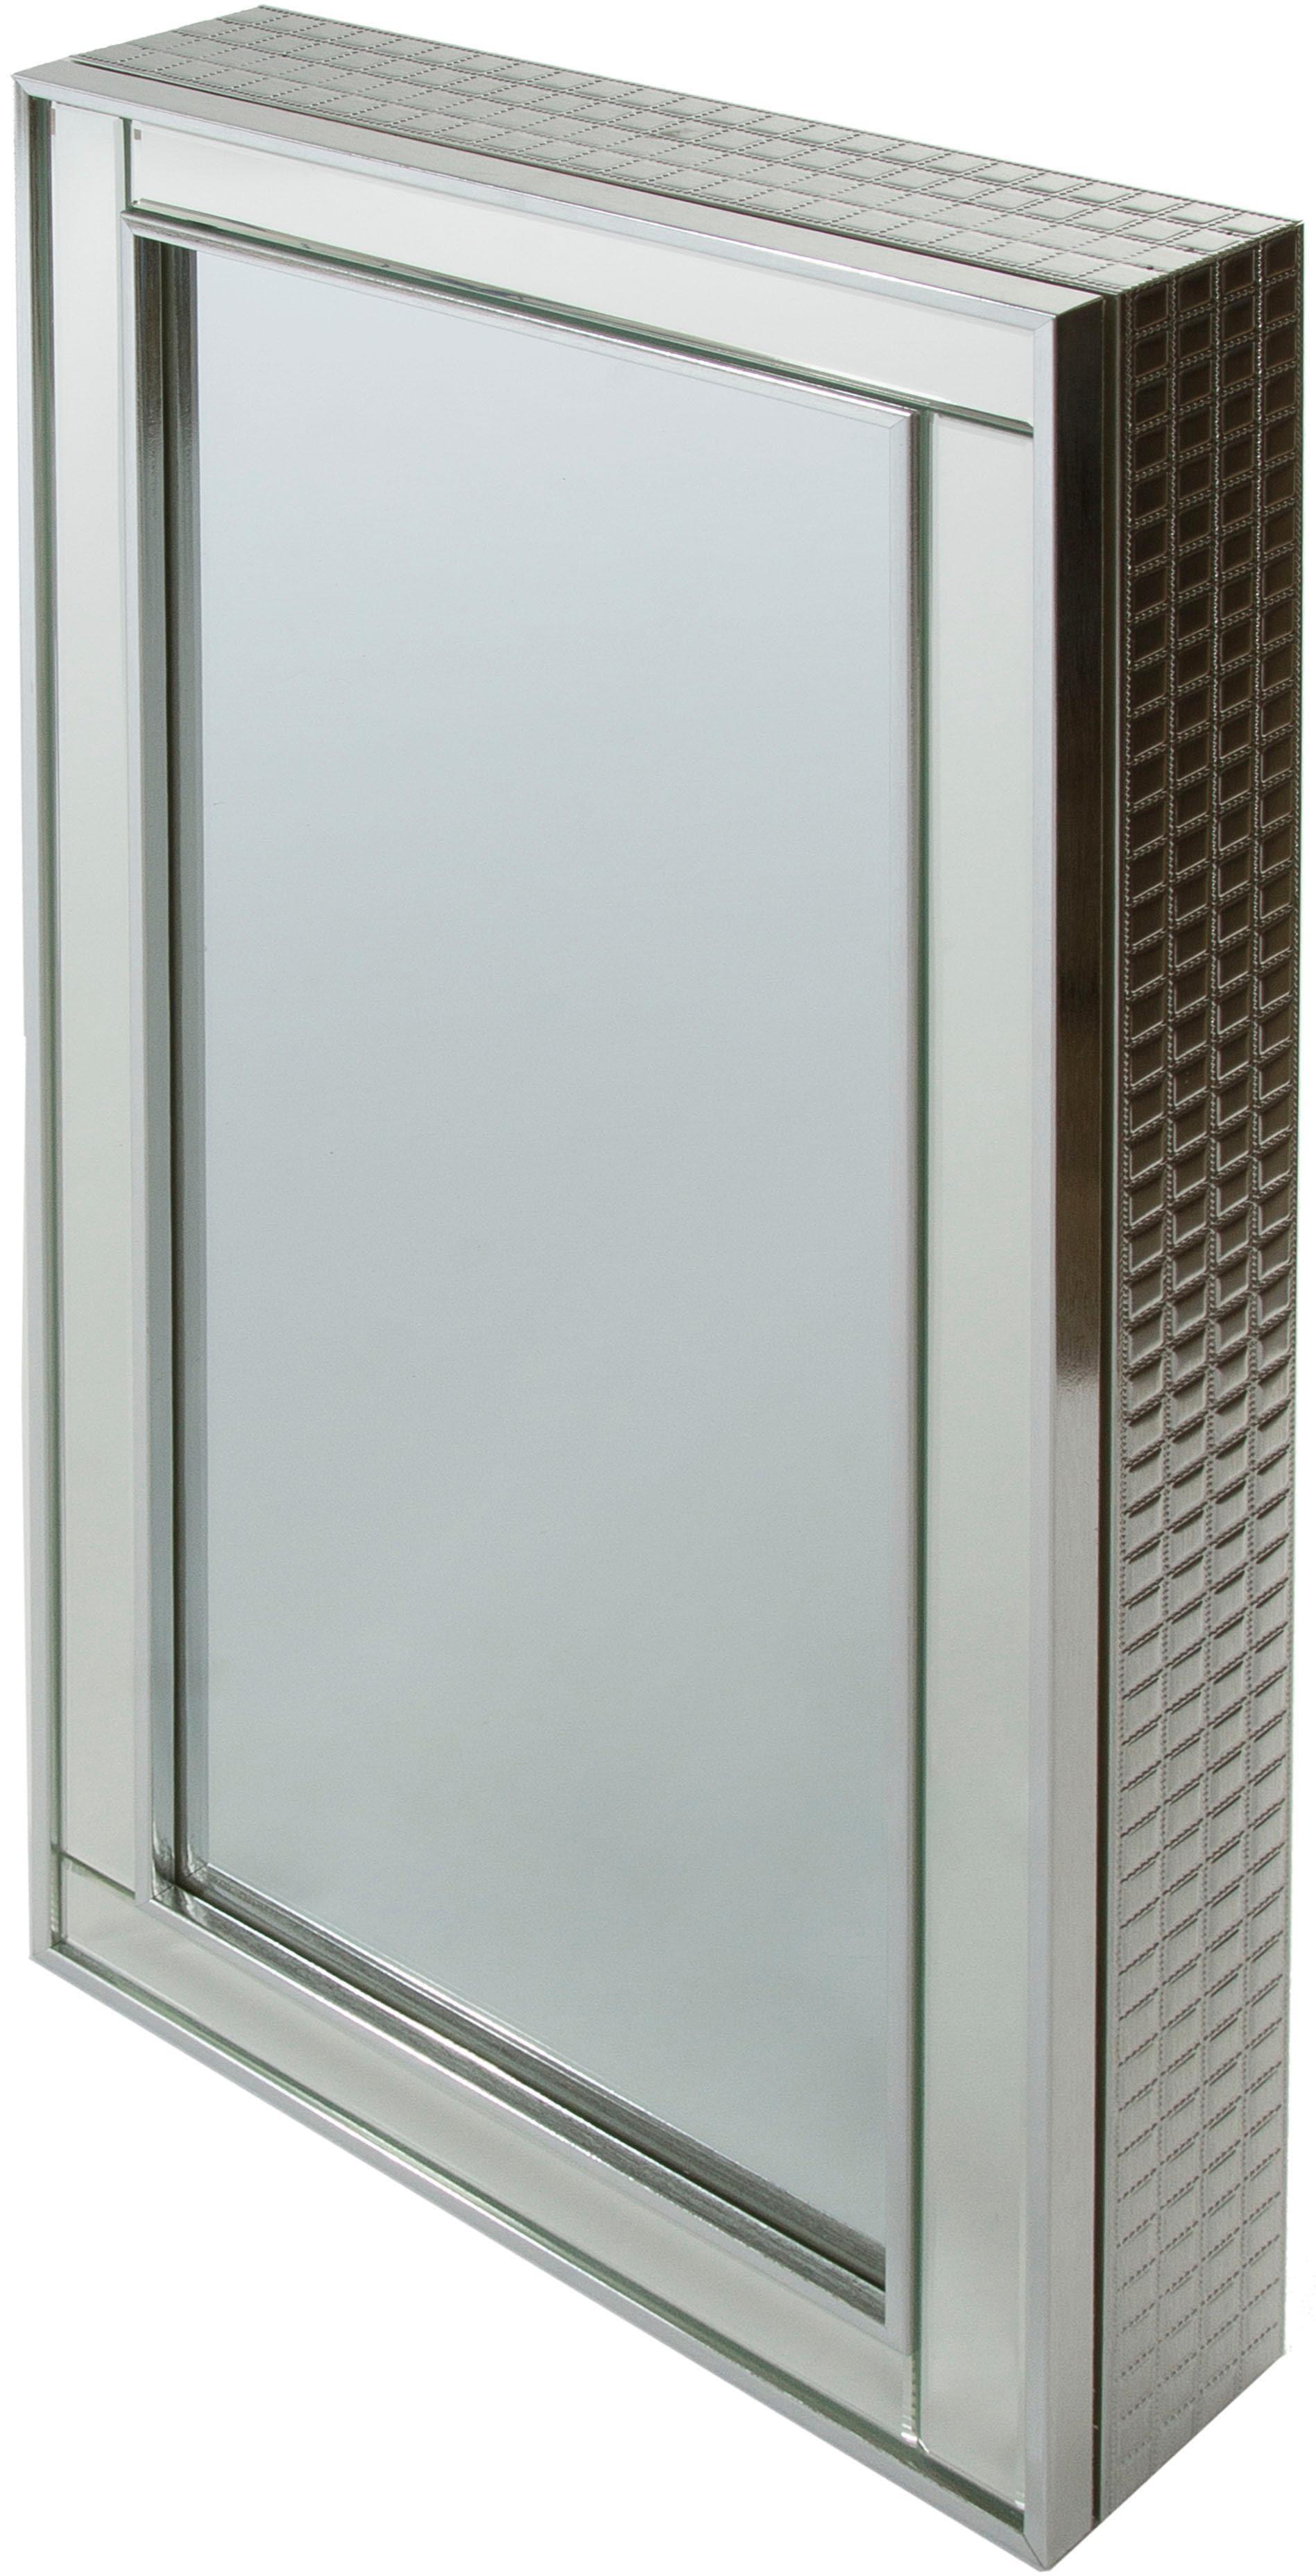 Home-Affaire Spiegelschränke fürs Bad online kaufen | Möbel ...